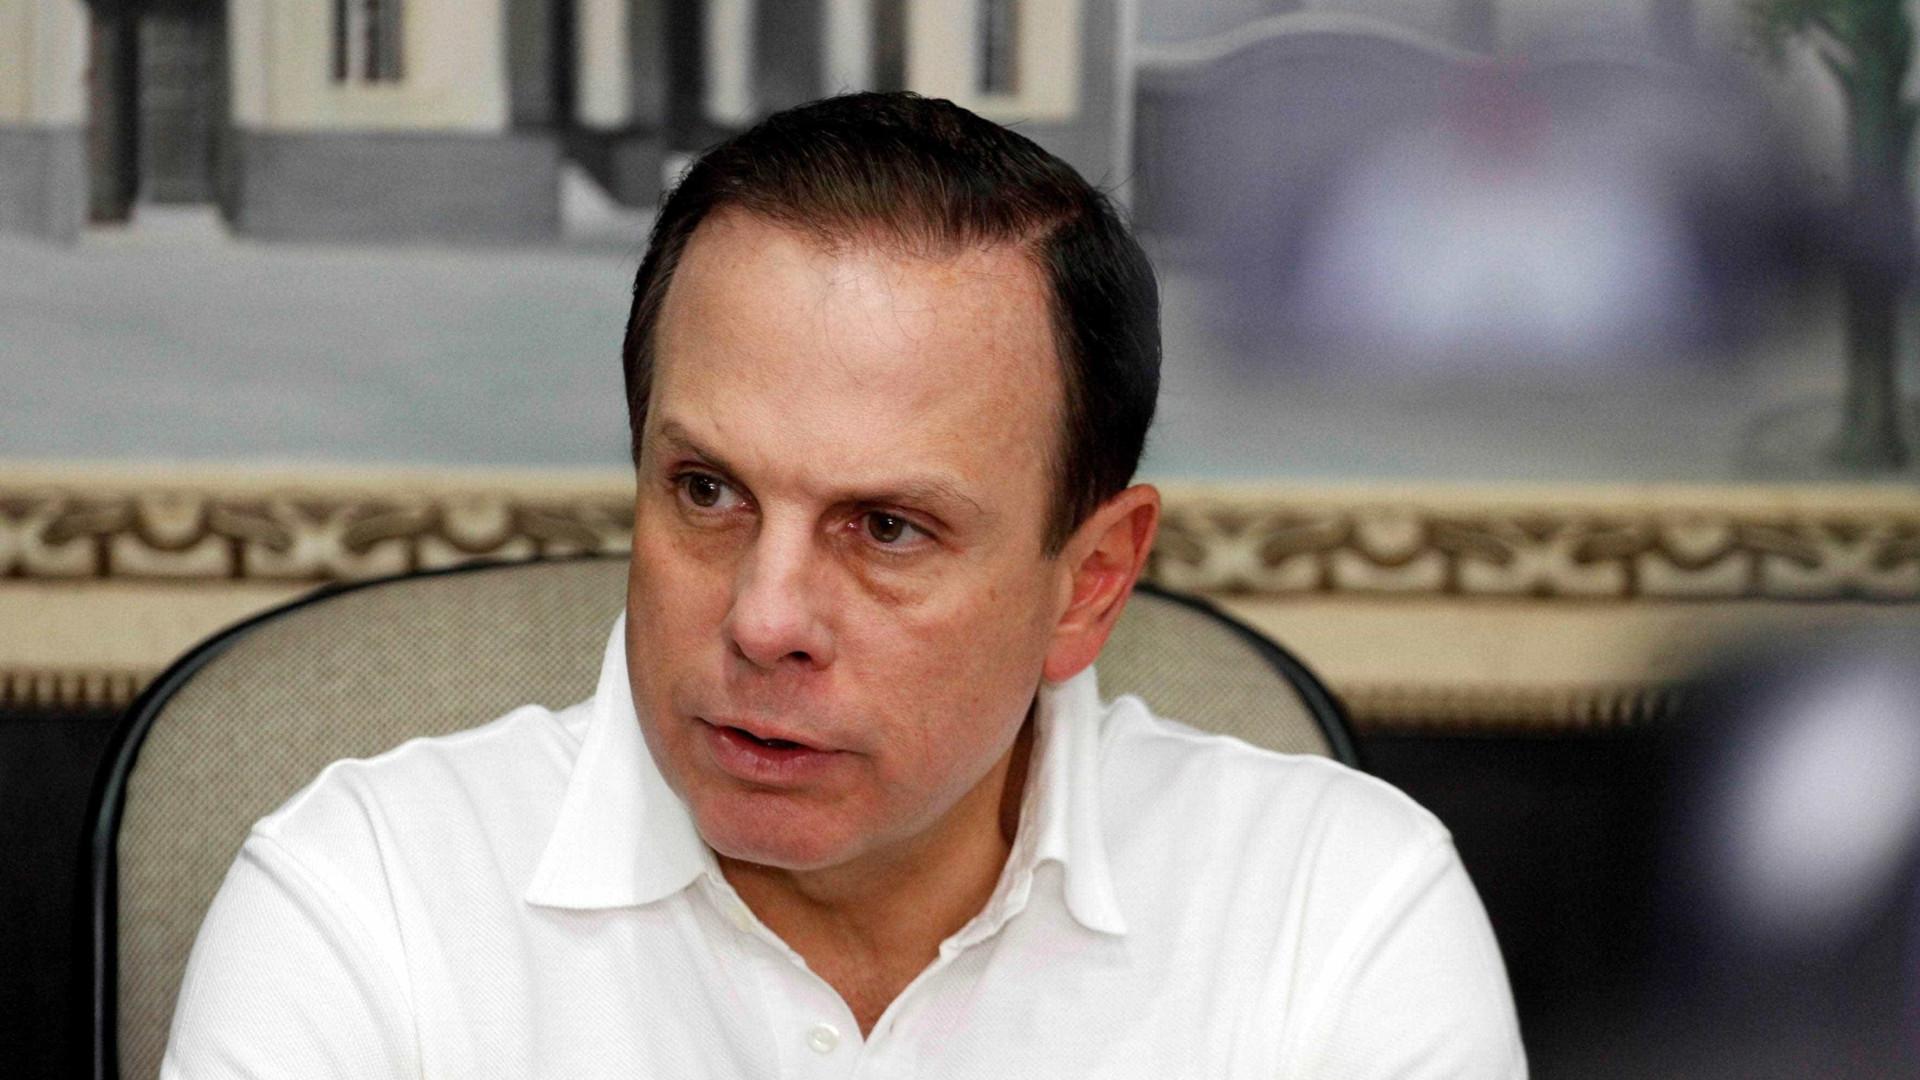 Justiça suspende reforma da previdência de Doria na Alesp